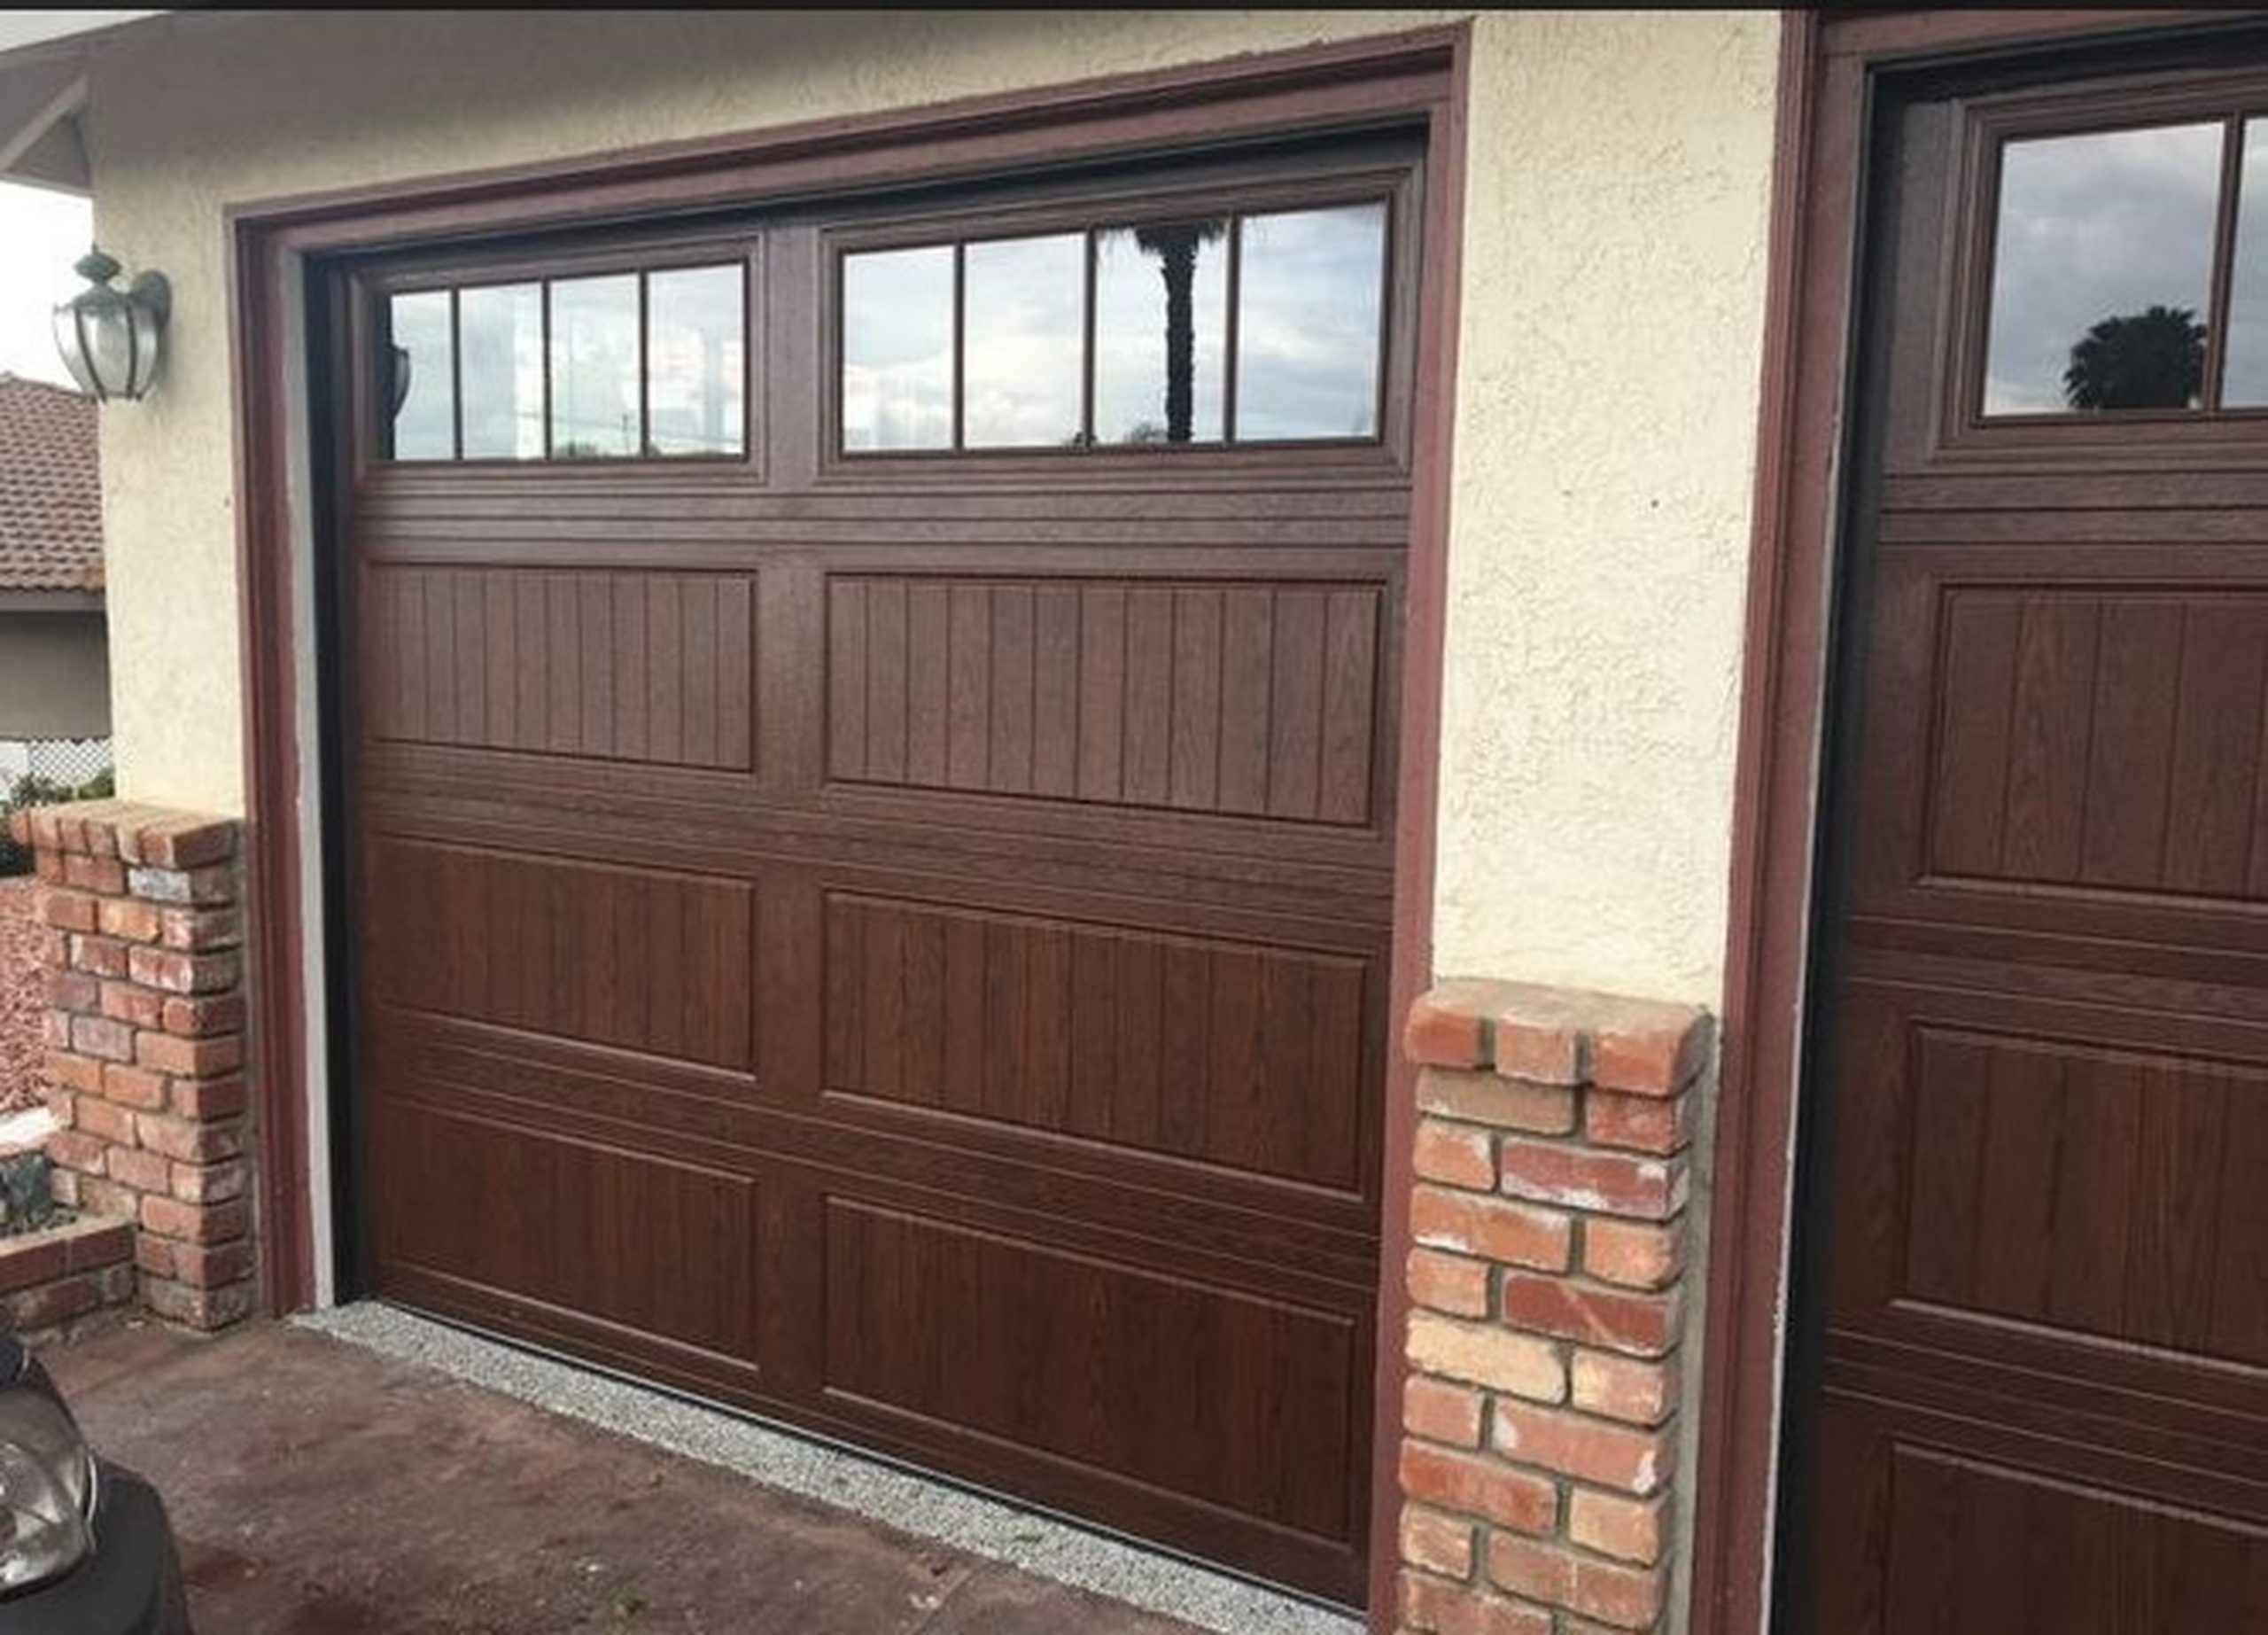 Garage Door Repair Minnesota – Types of Garage Door Problems